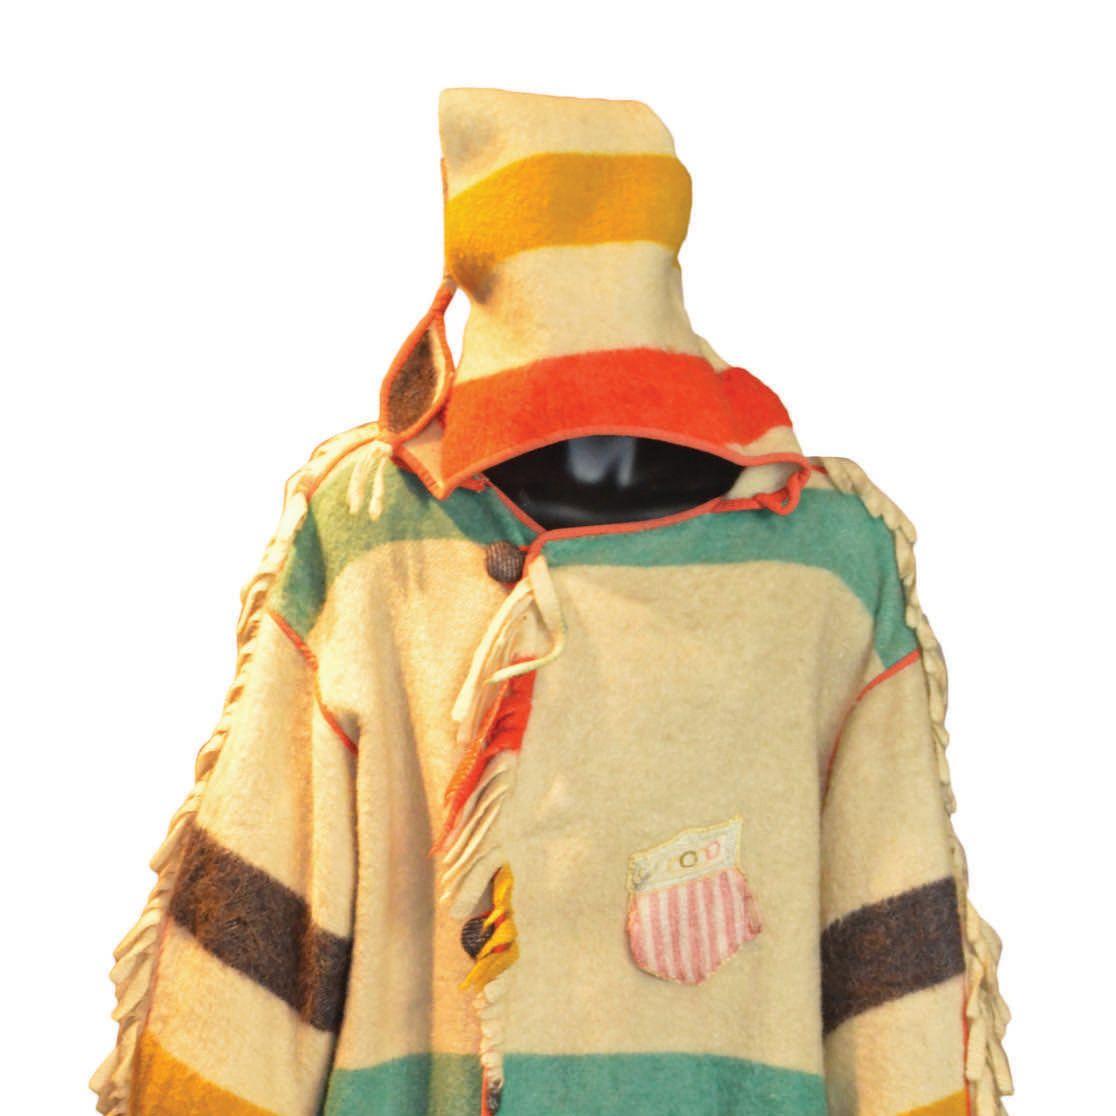 6.1 anders haugen s 1924 chamonix coat dufmki